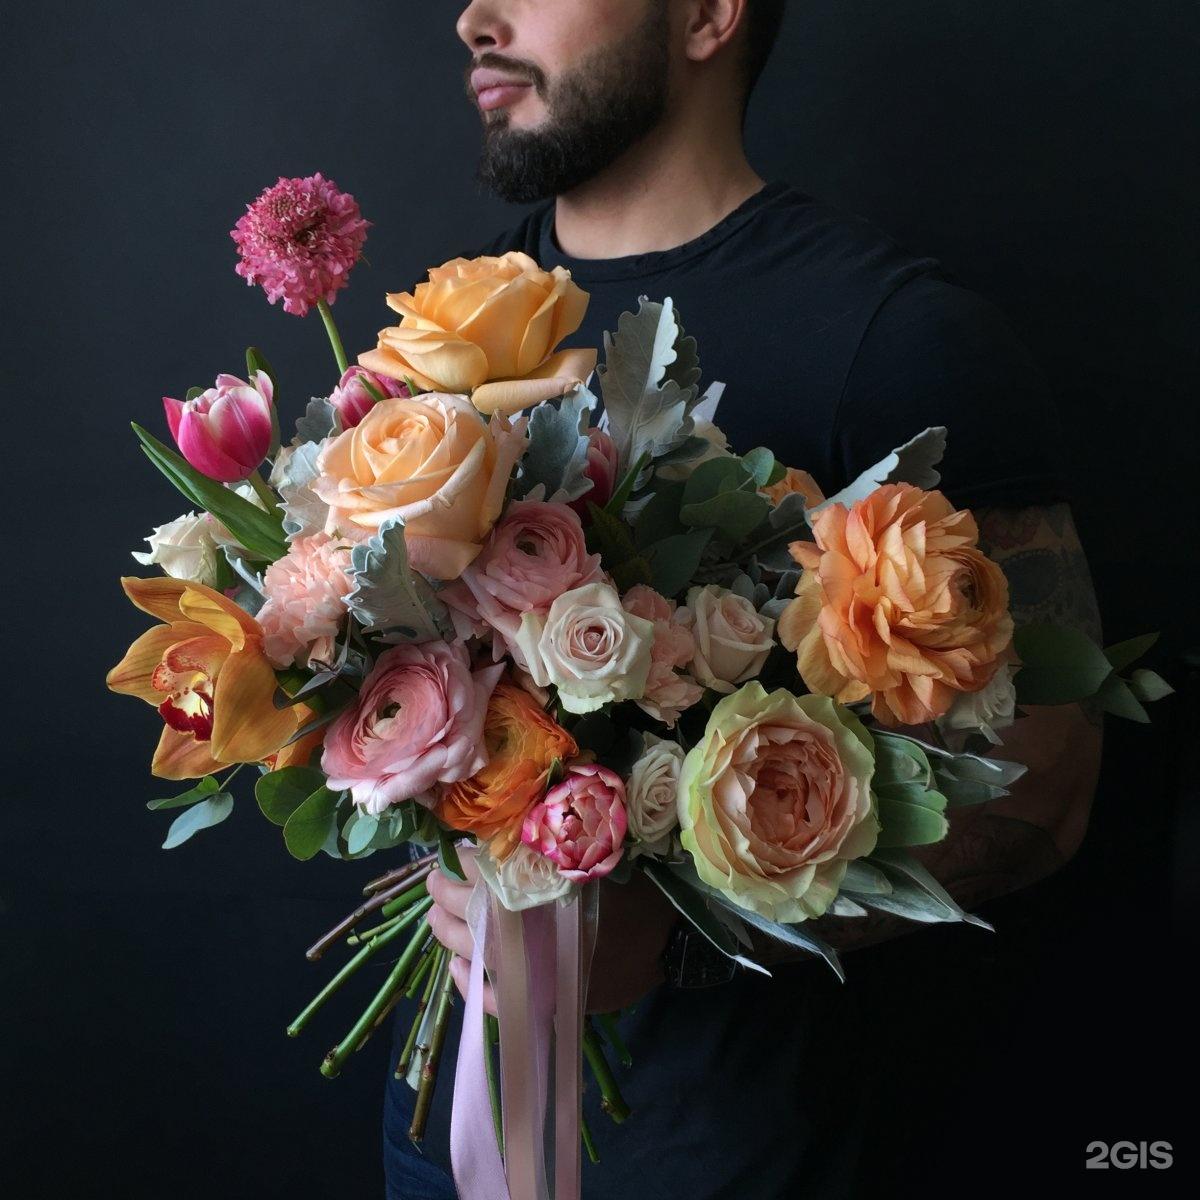 Курьерская доставка цветов по москве и области